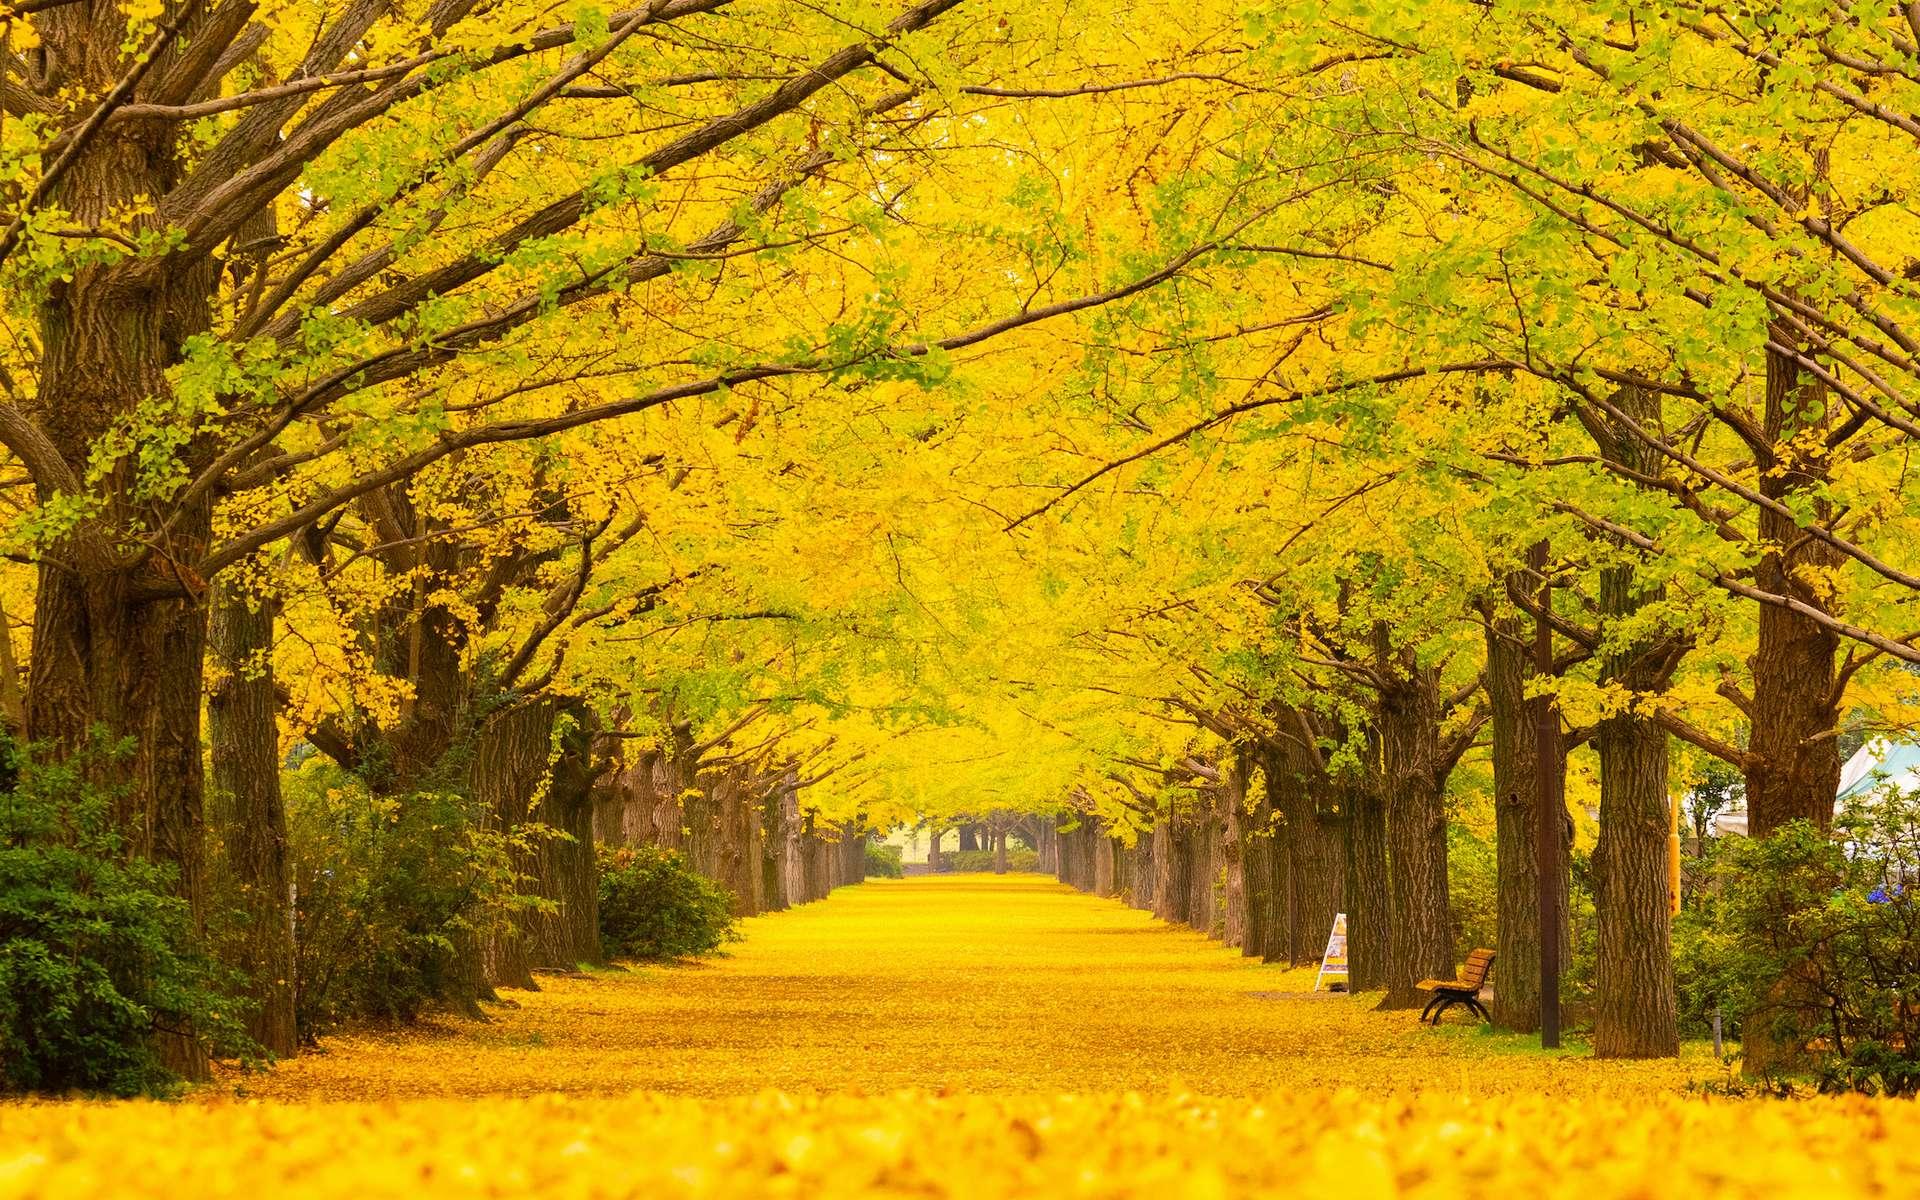 Le Ginkgo biloba arbore un magnifique feuillage jaune à l'automne. © namezon, Adobe Stock